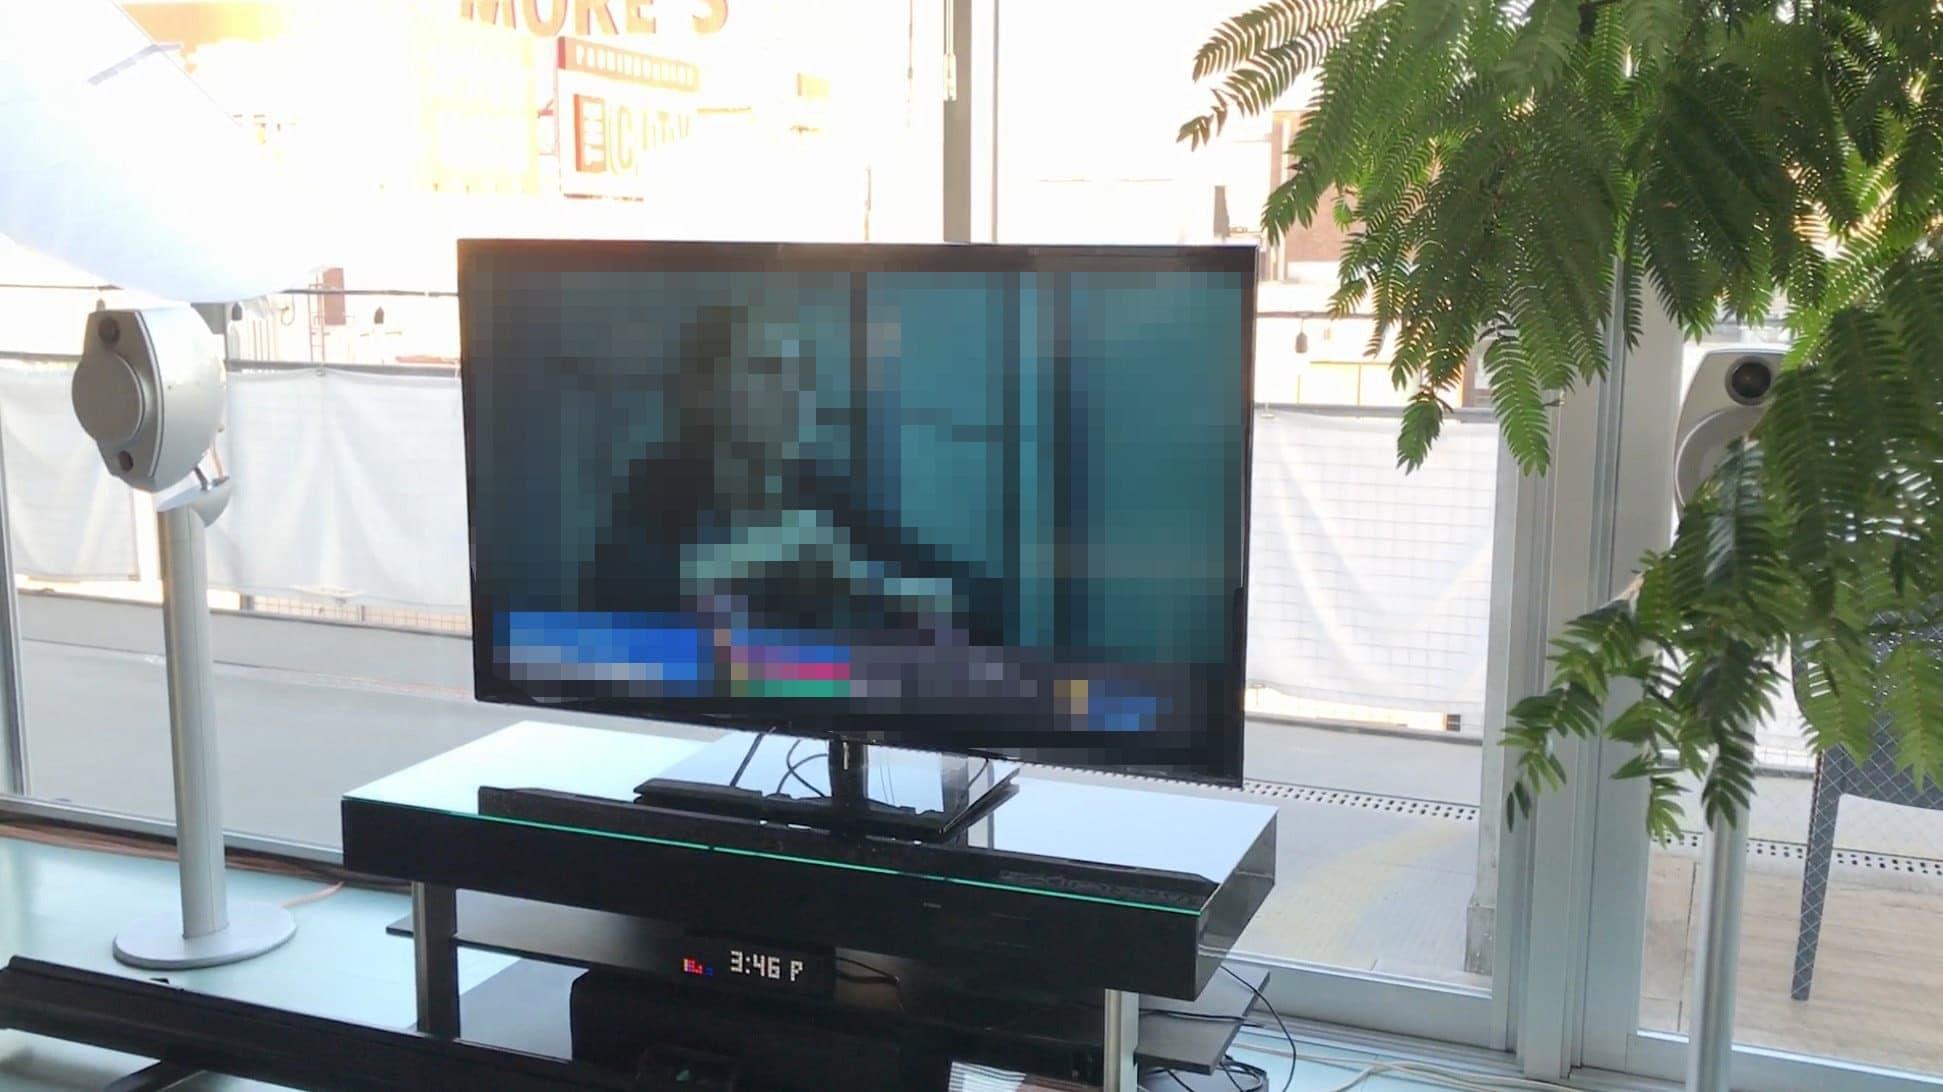 テレビのザッピングも音声で可能に